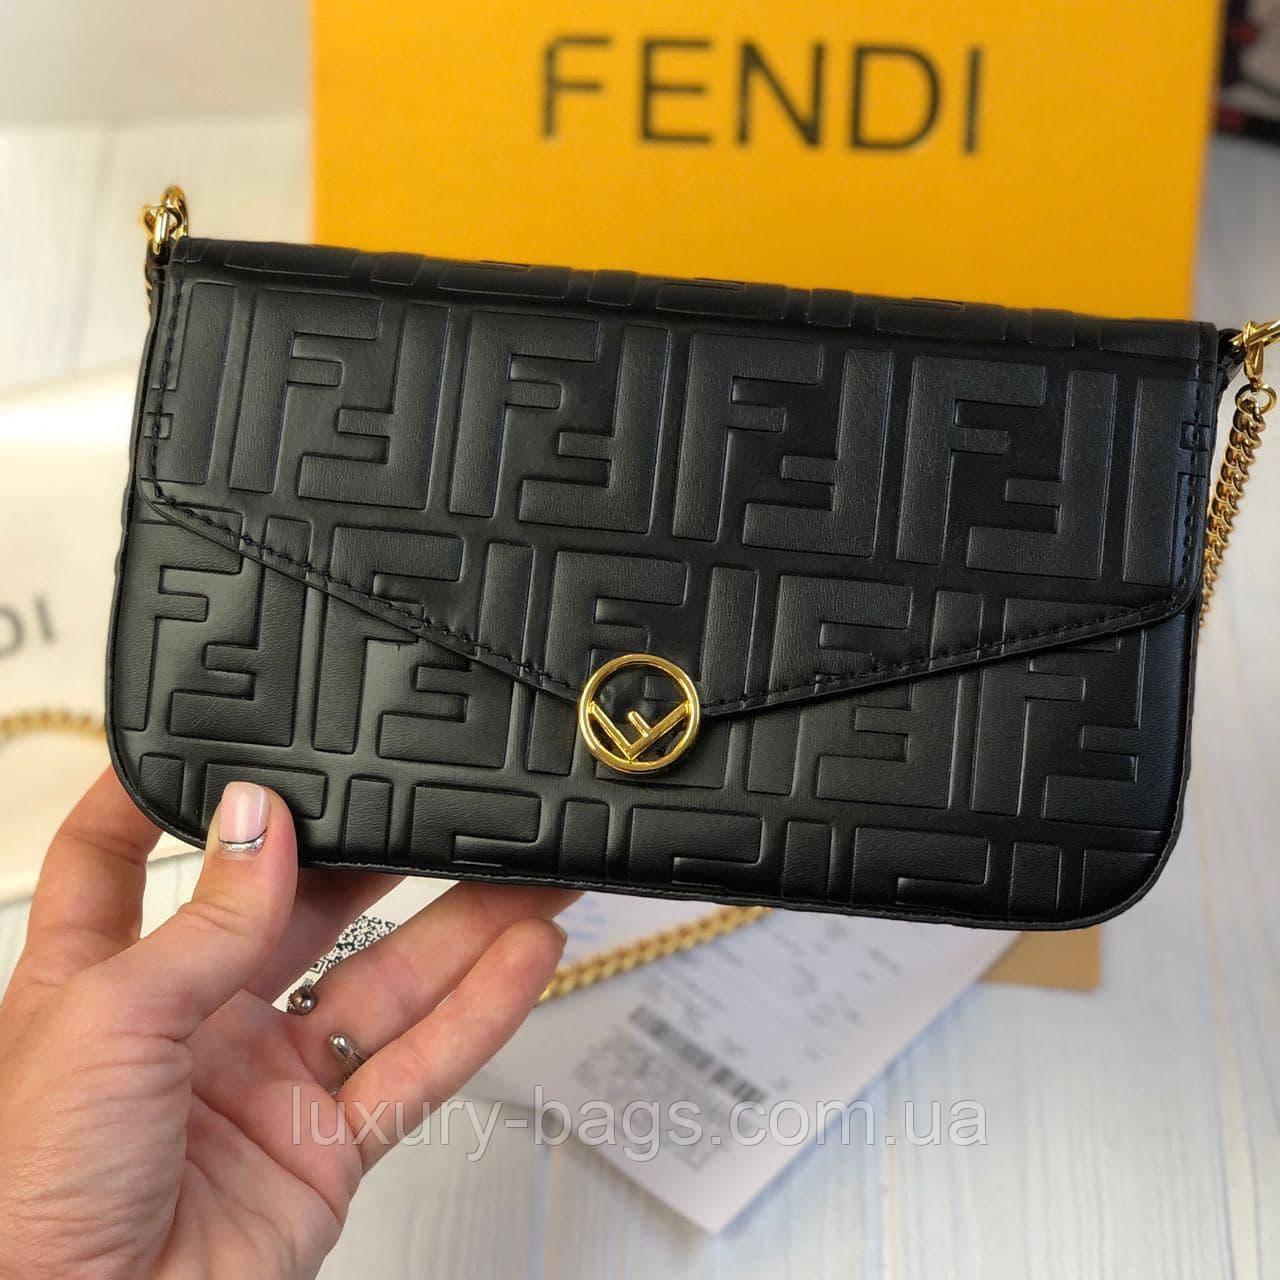 Женский кожаный клатч Fendi Фенди